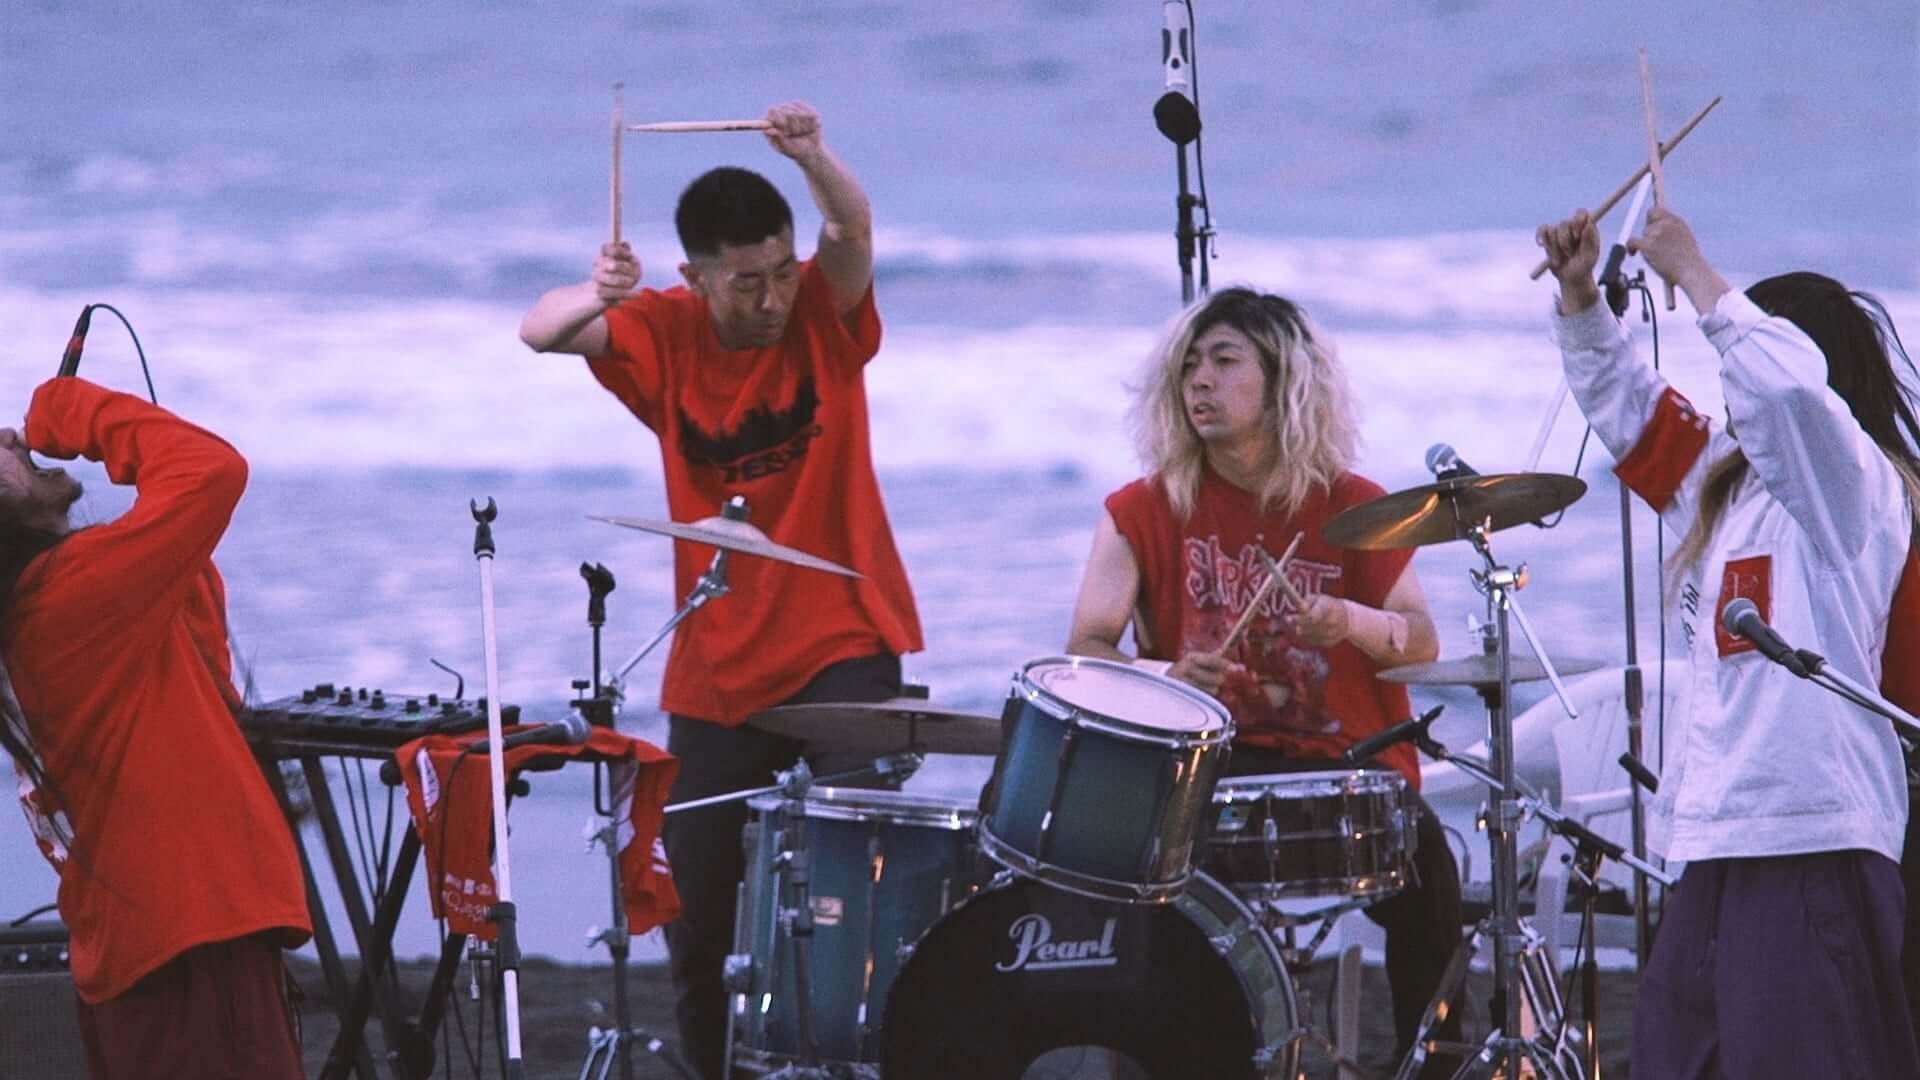 <石原ロスカル30時間ドラムマラソン>が映像化&〈十三月〉からリリース決定!GEZAN、踊ってばかりの国も登場 art200907_jusangatsu-lastlanguage_2-1920x1080